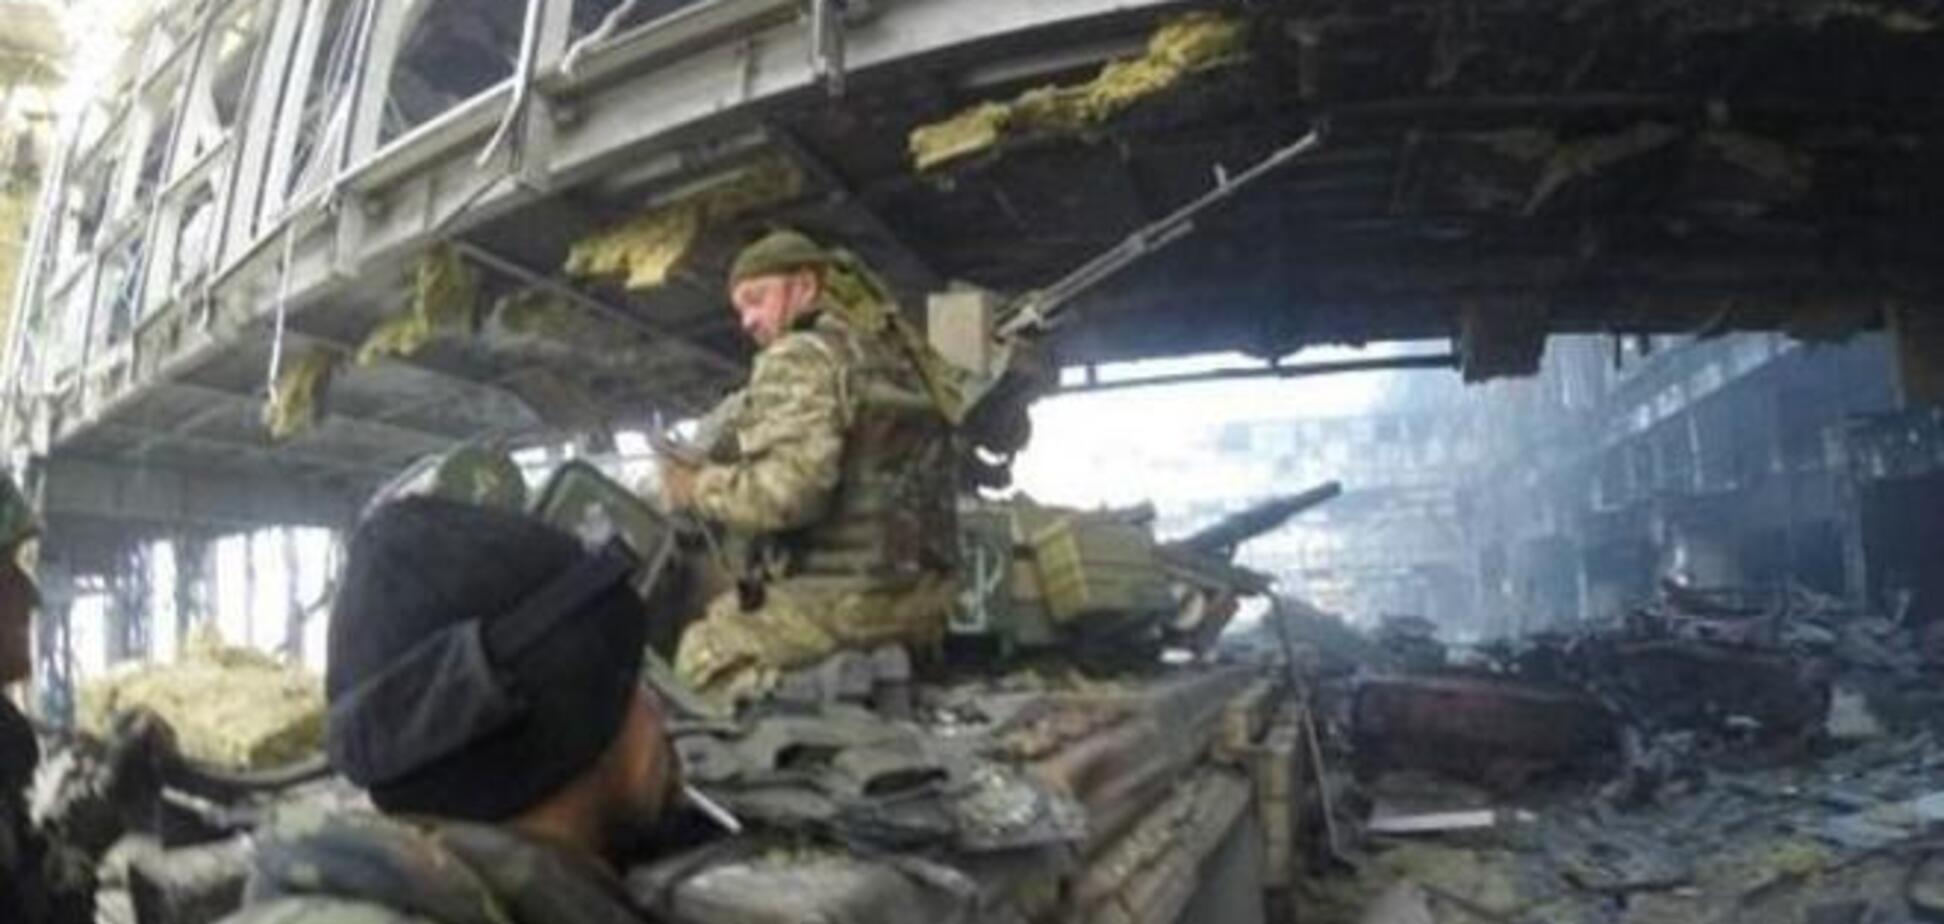 Украинский 'киборг': если бы не предательство, мы бы освободили Донецк за два дня